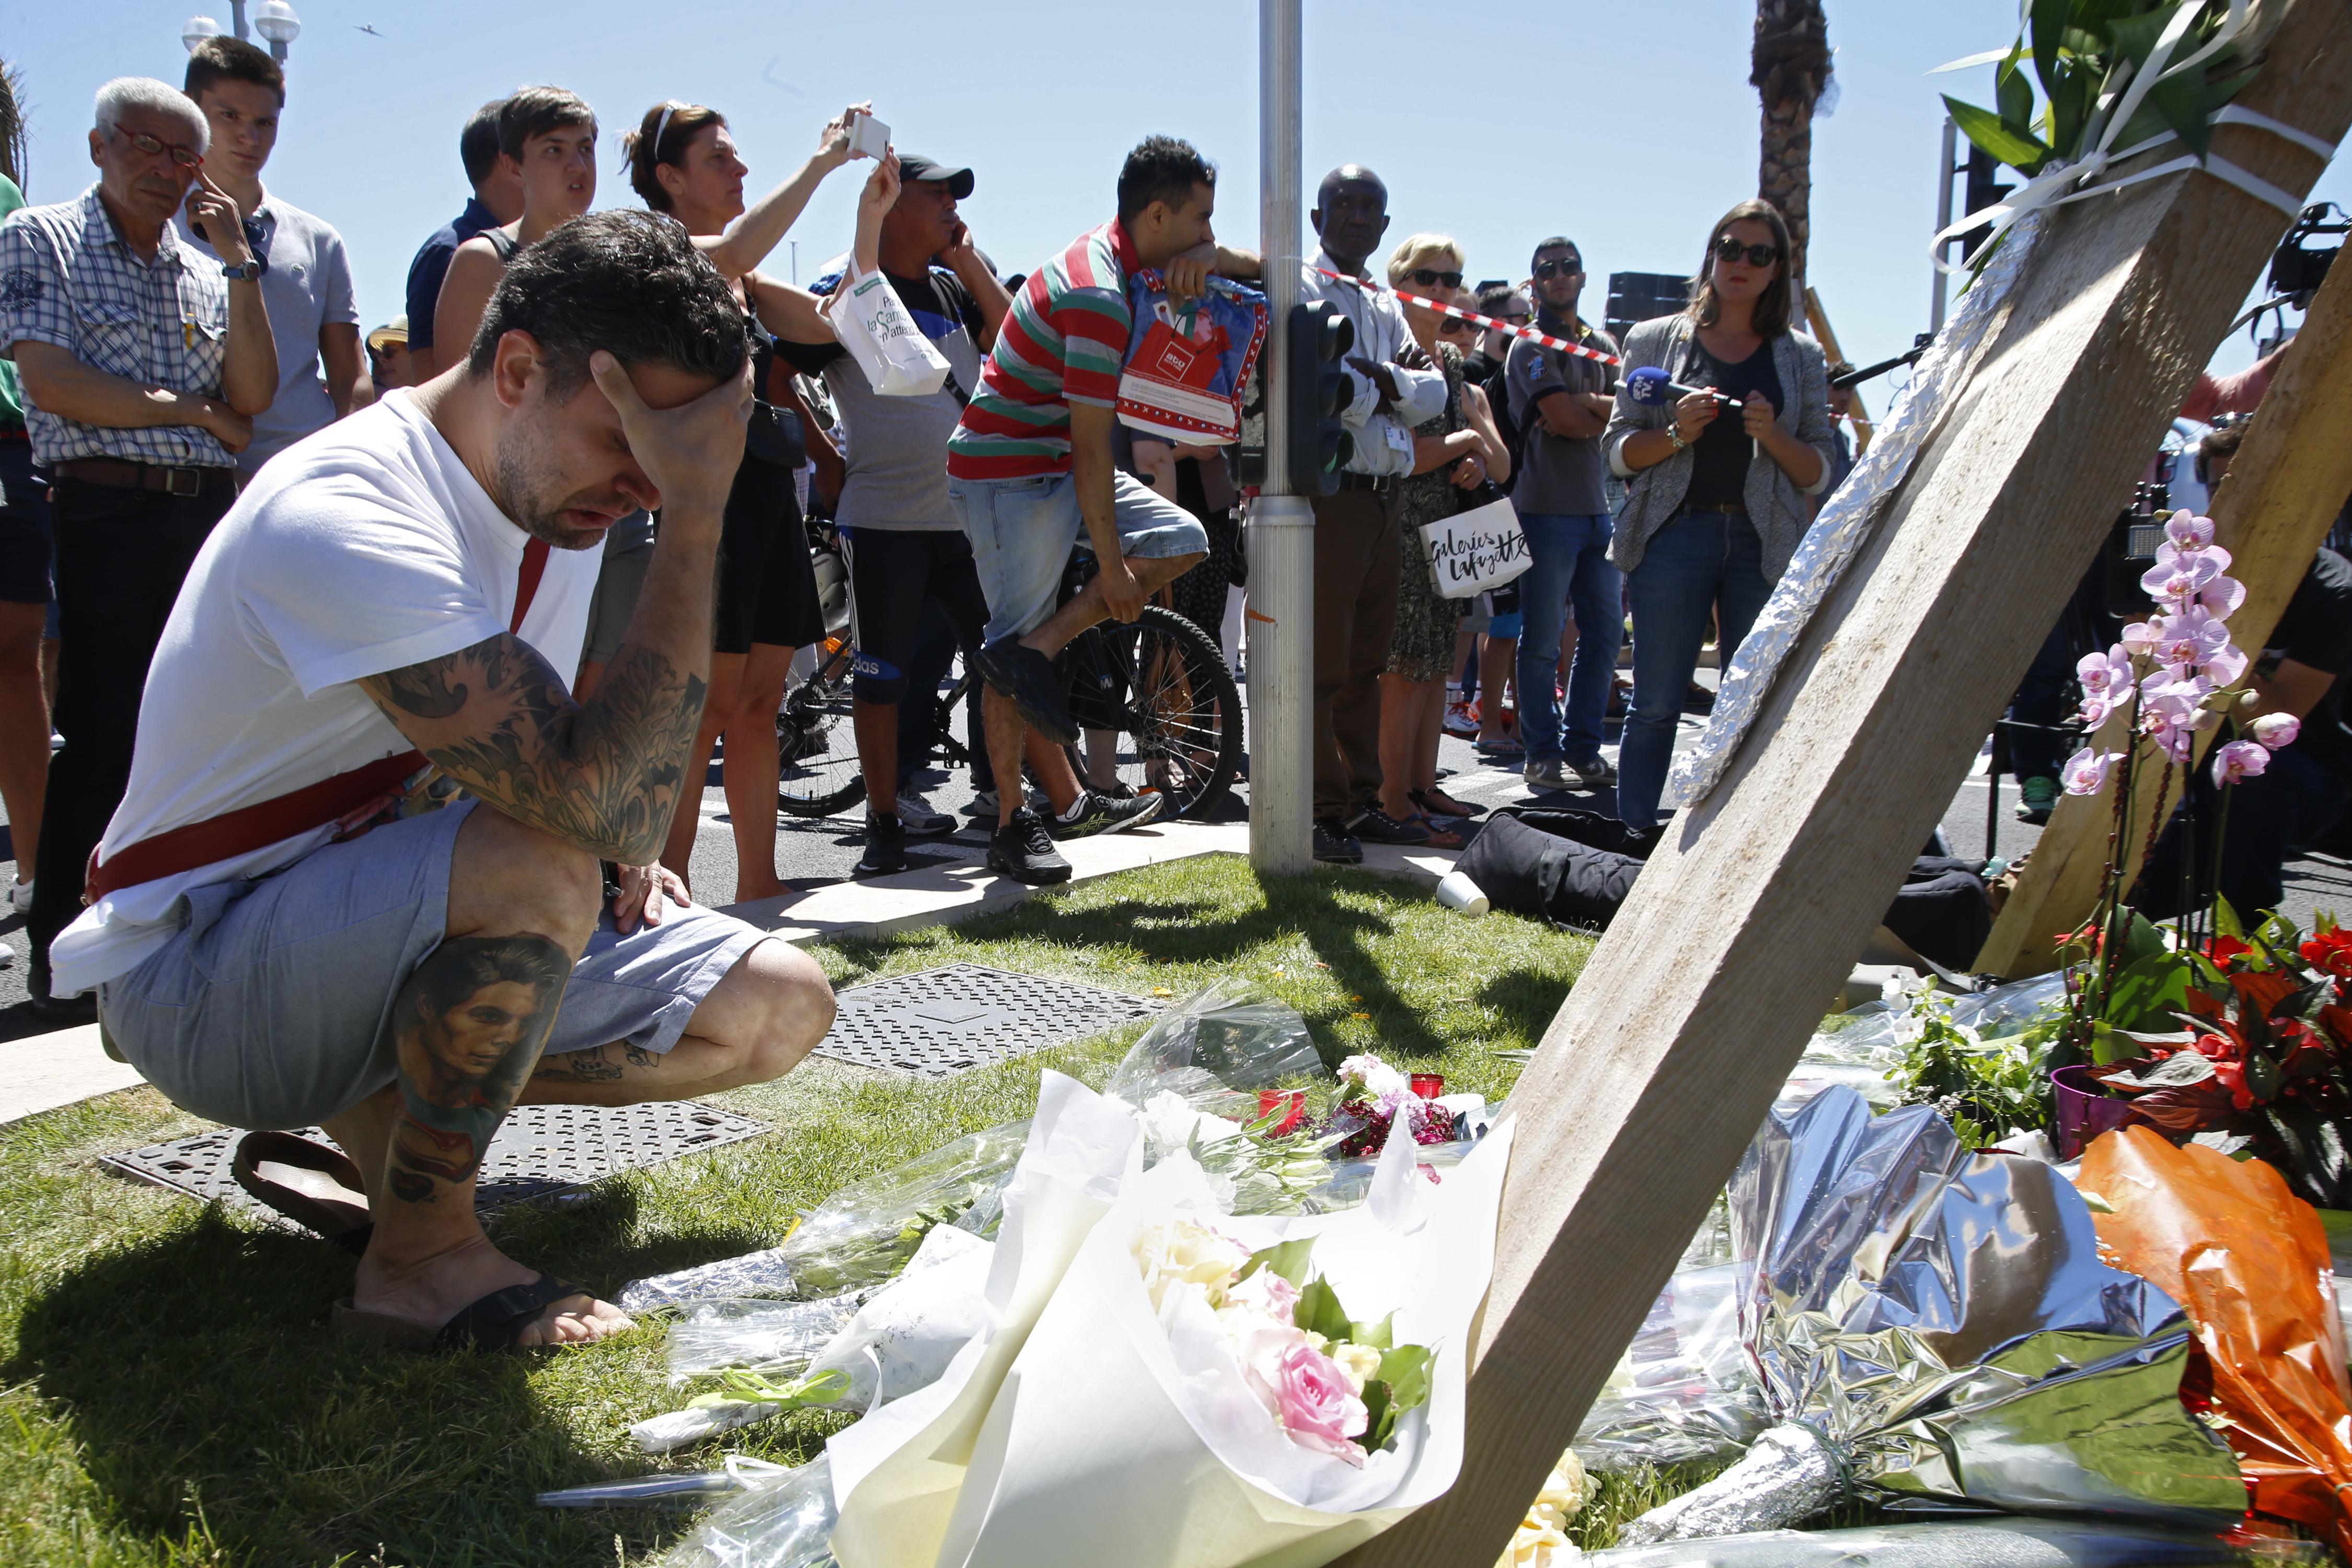 Man kneels in front of make-shift memorial with head in hands